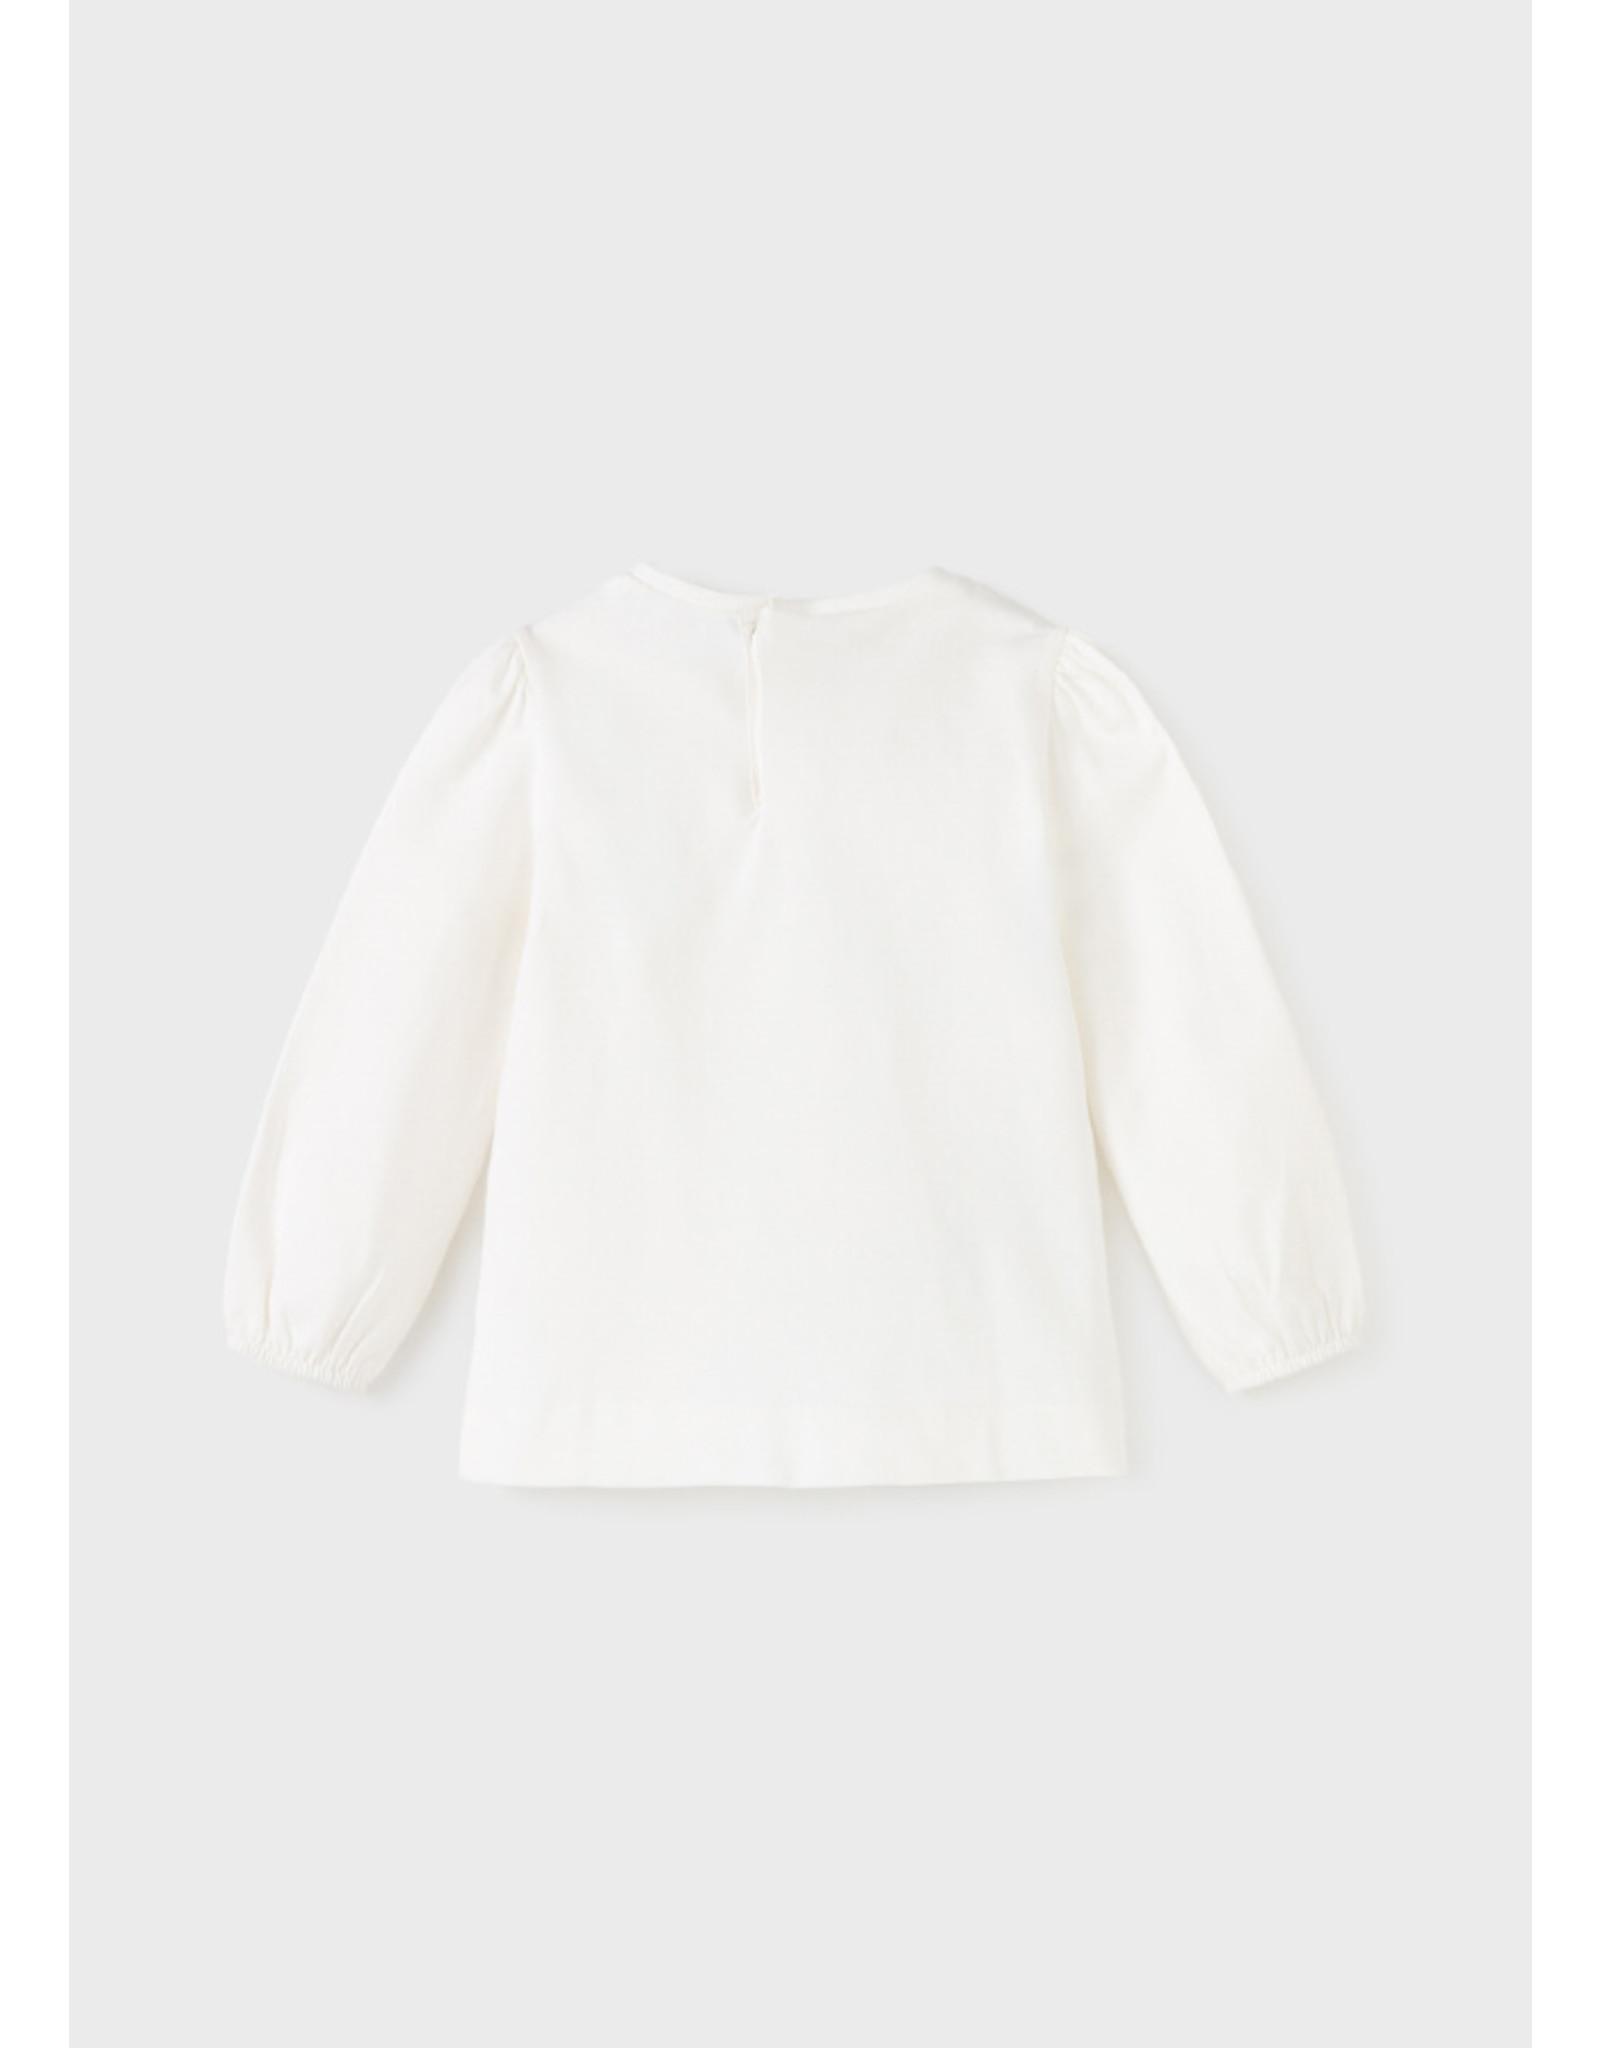 Mayoral L/S Shirt Natural